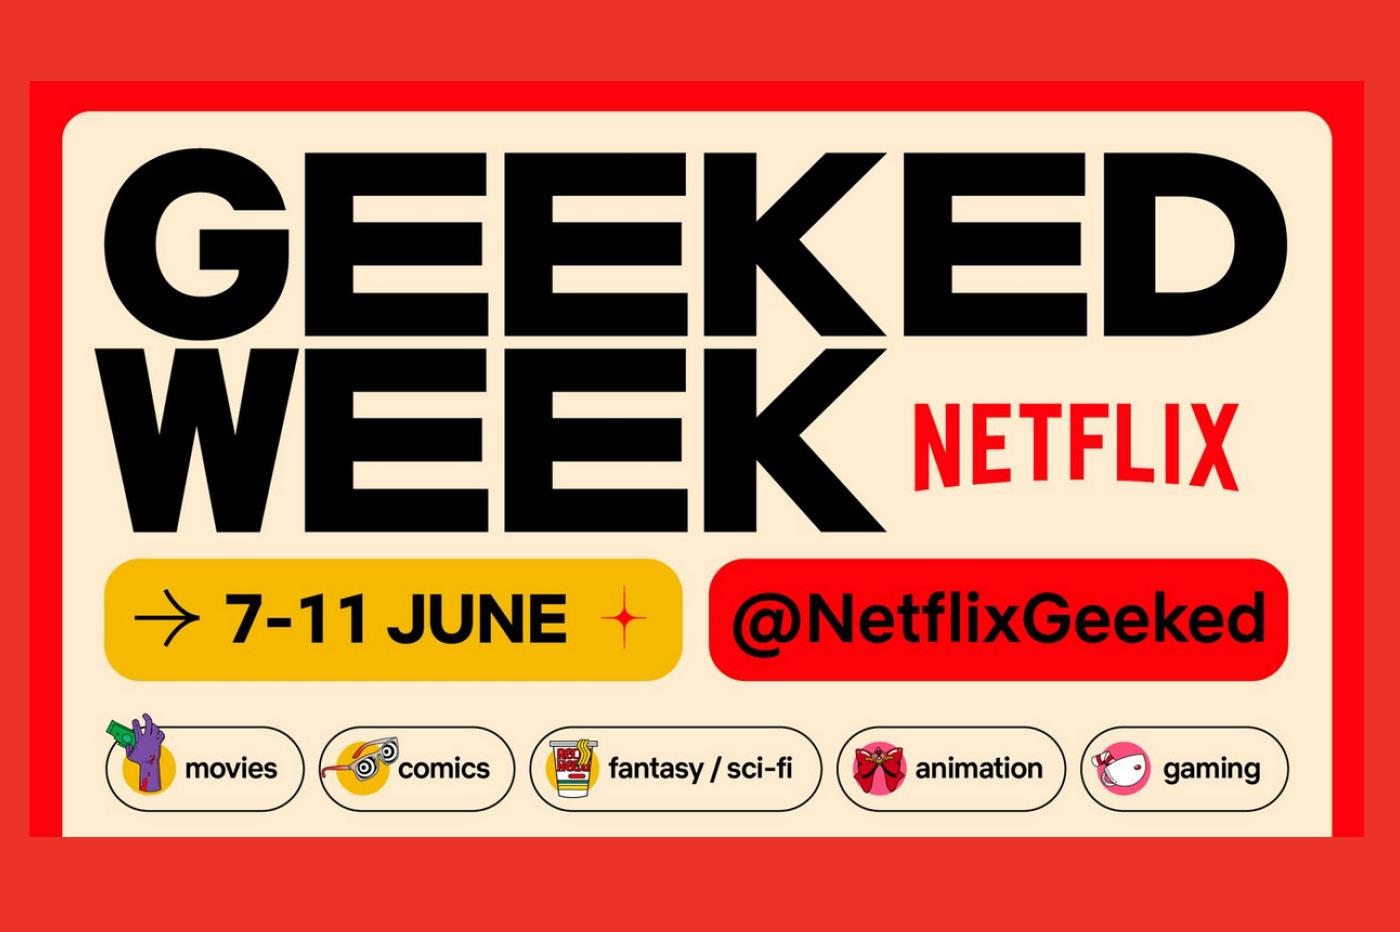 Netflix Geek